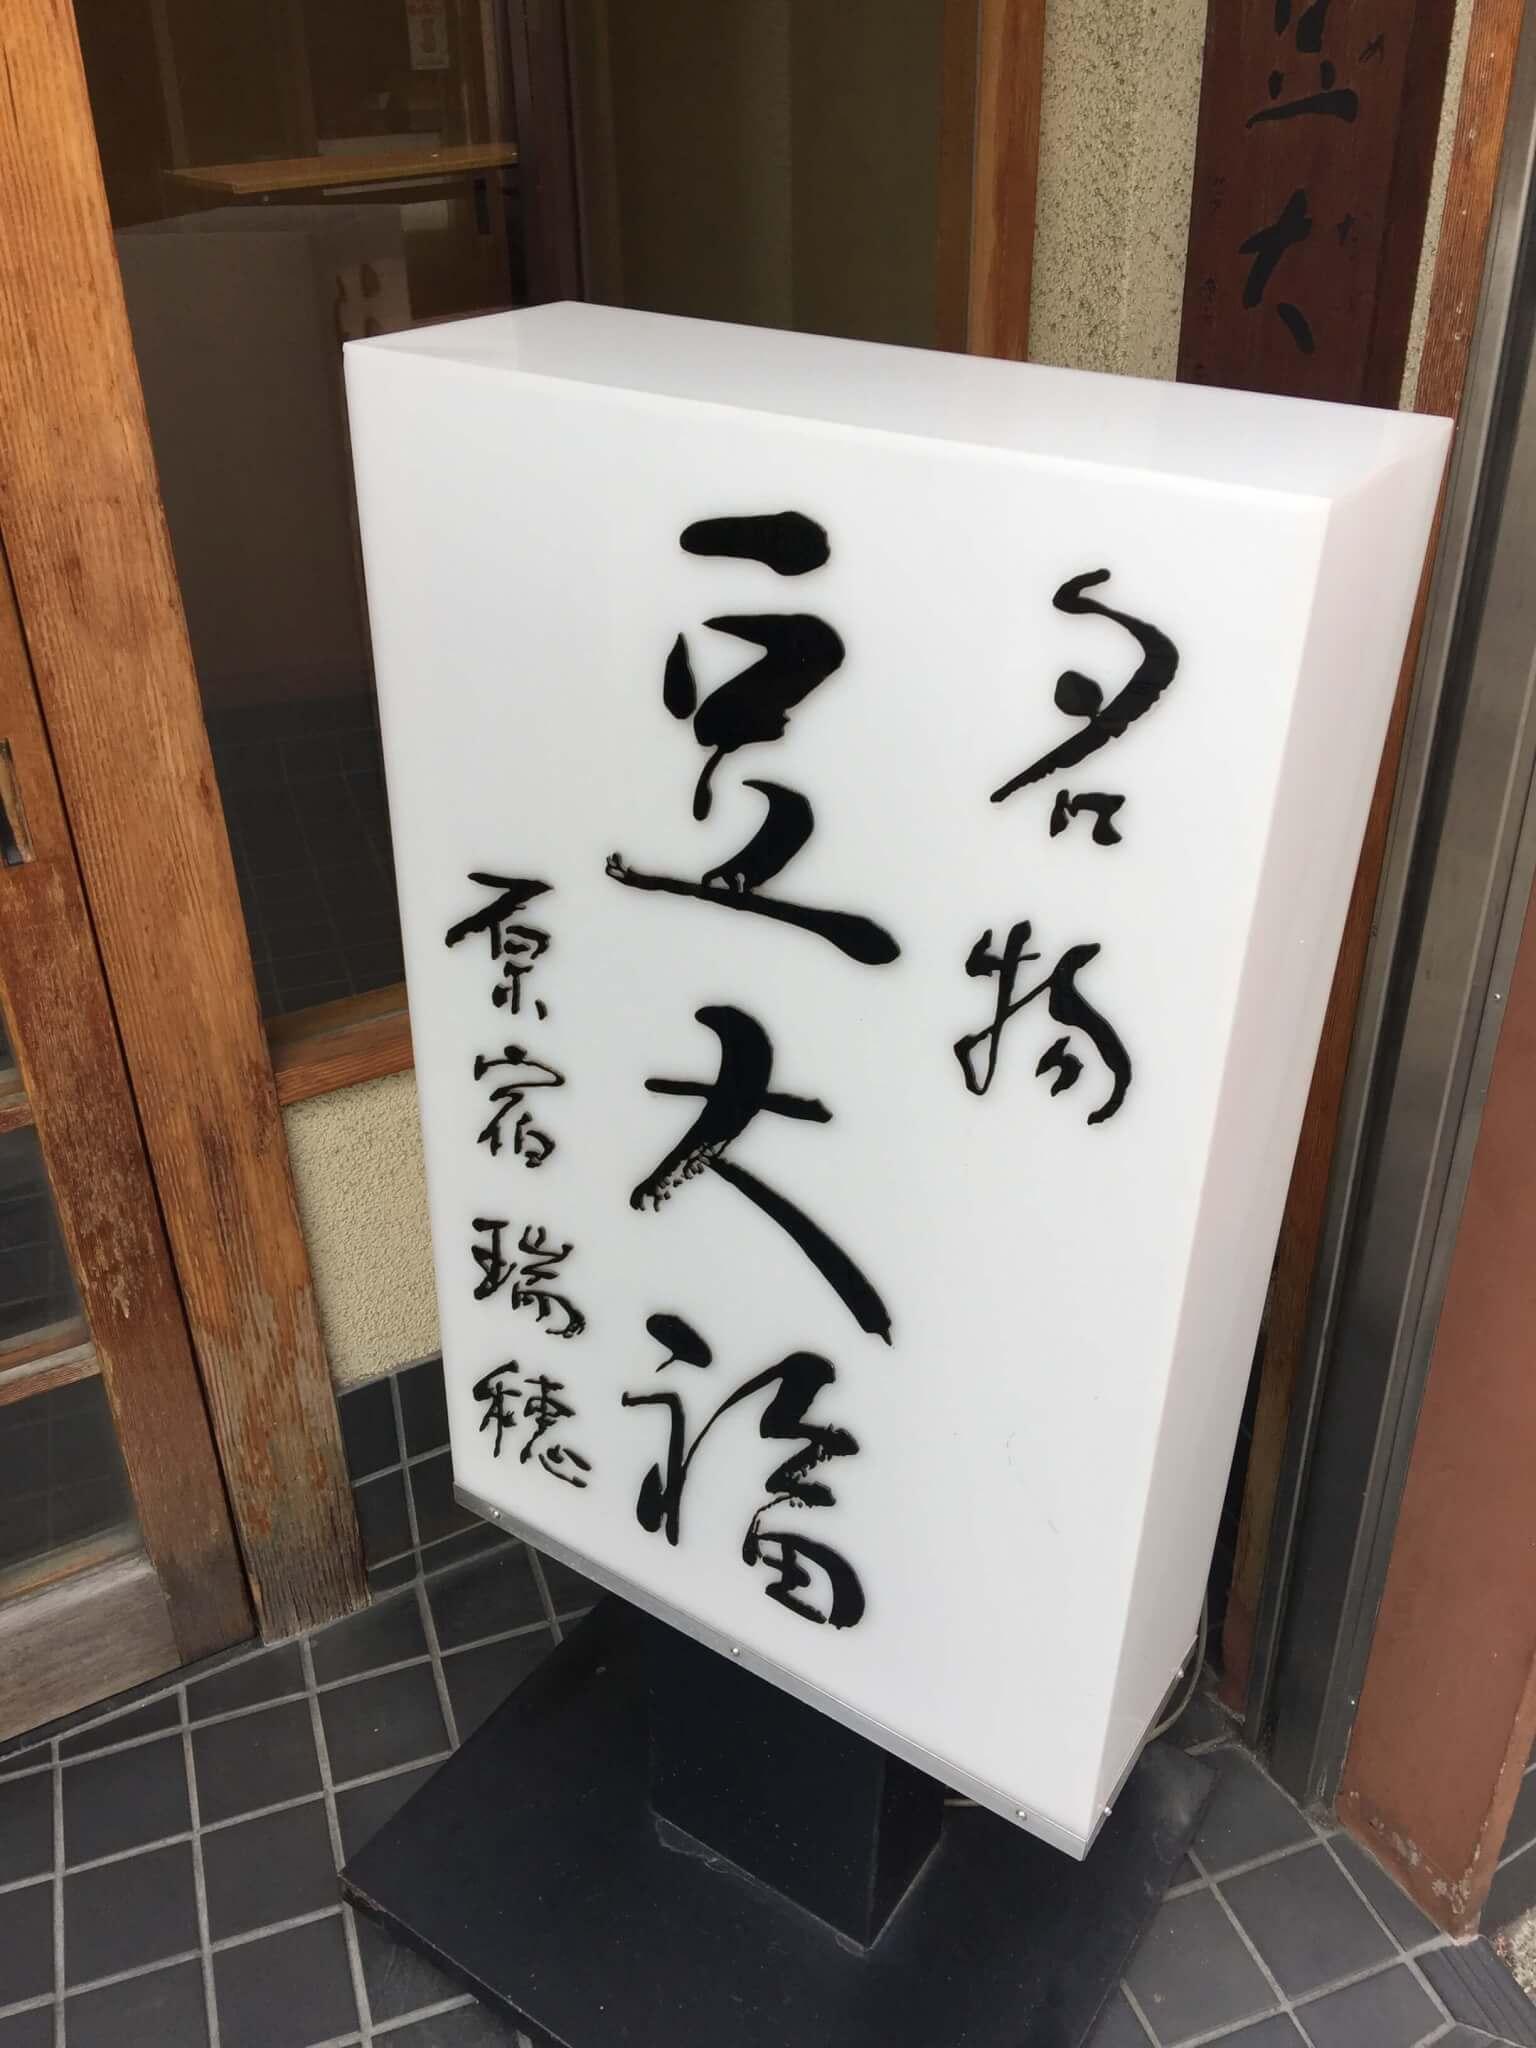 東京・原宿の大福屋「瑞穂(みずほ)」の看板